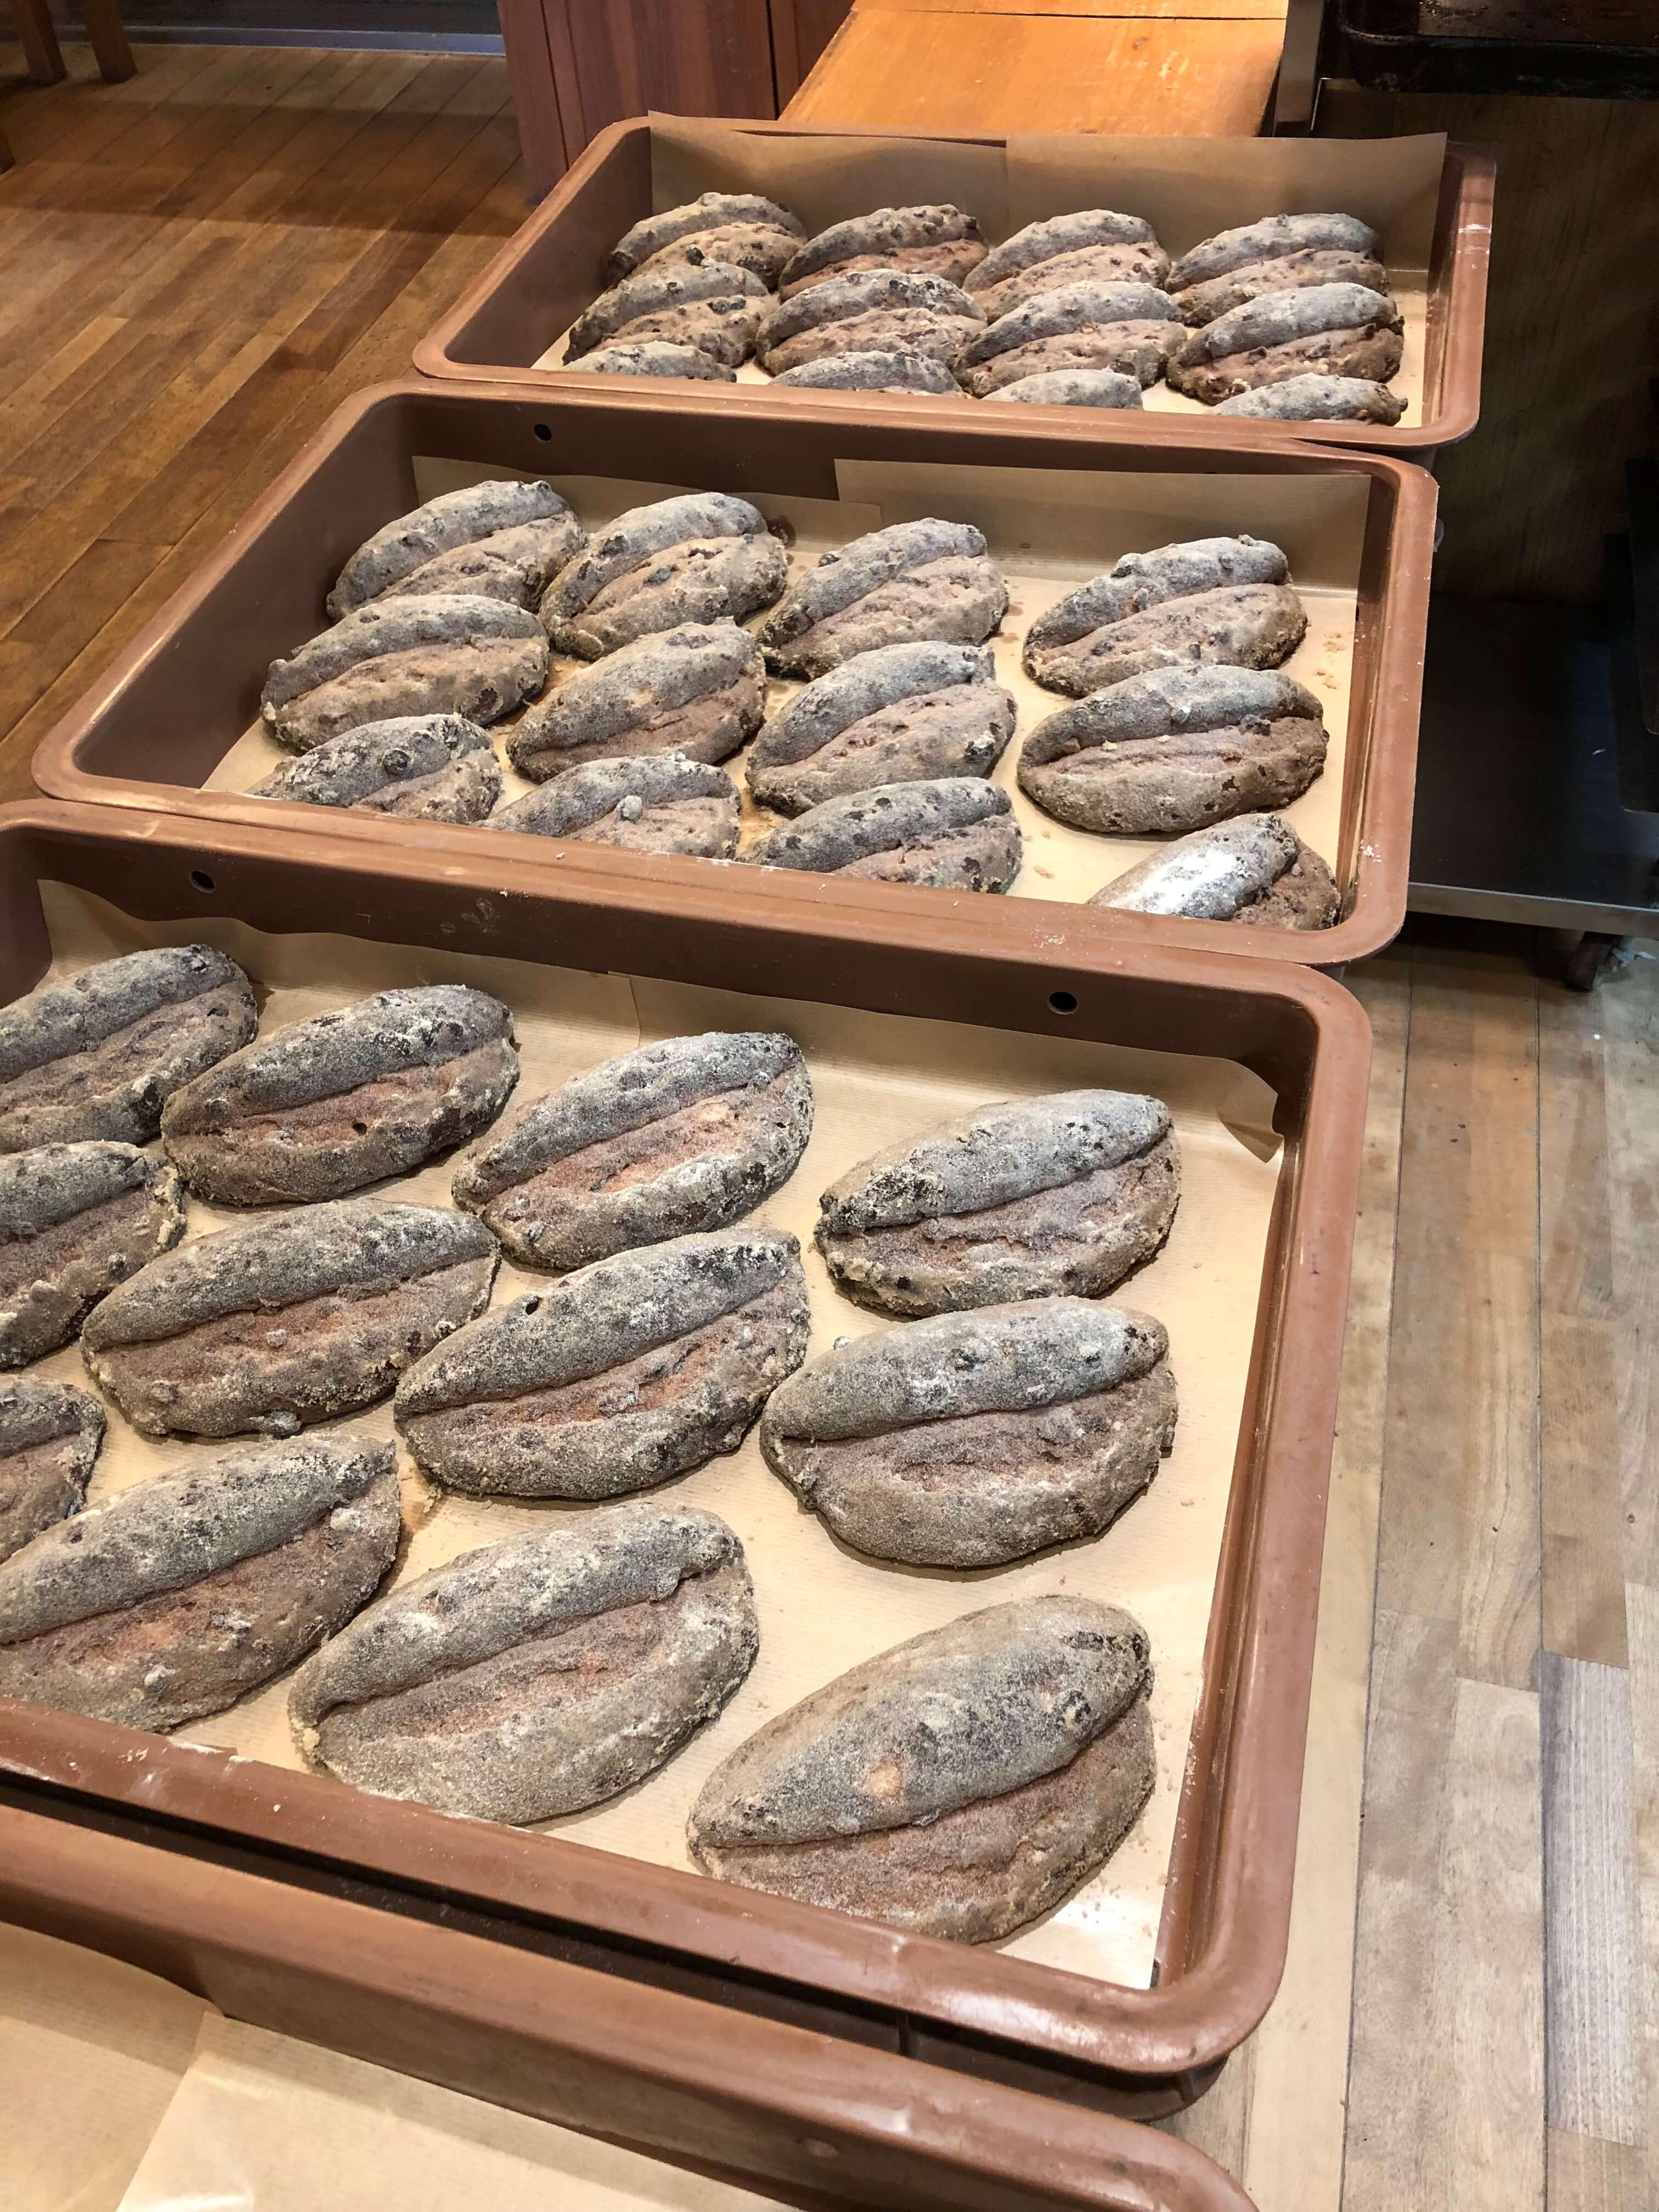 キャンペーン|愛知県安城市 暮らしのお店シュトーレン販売予定のお知らせ